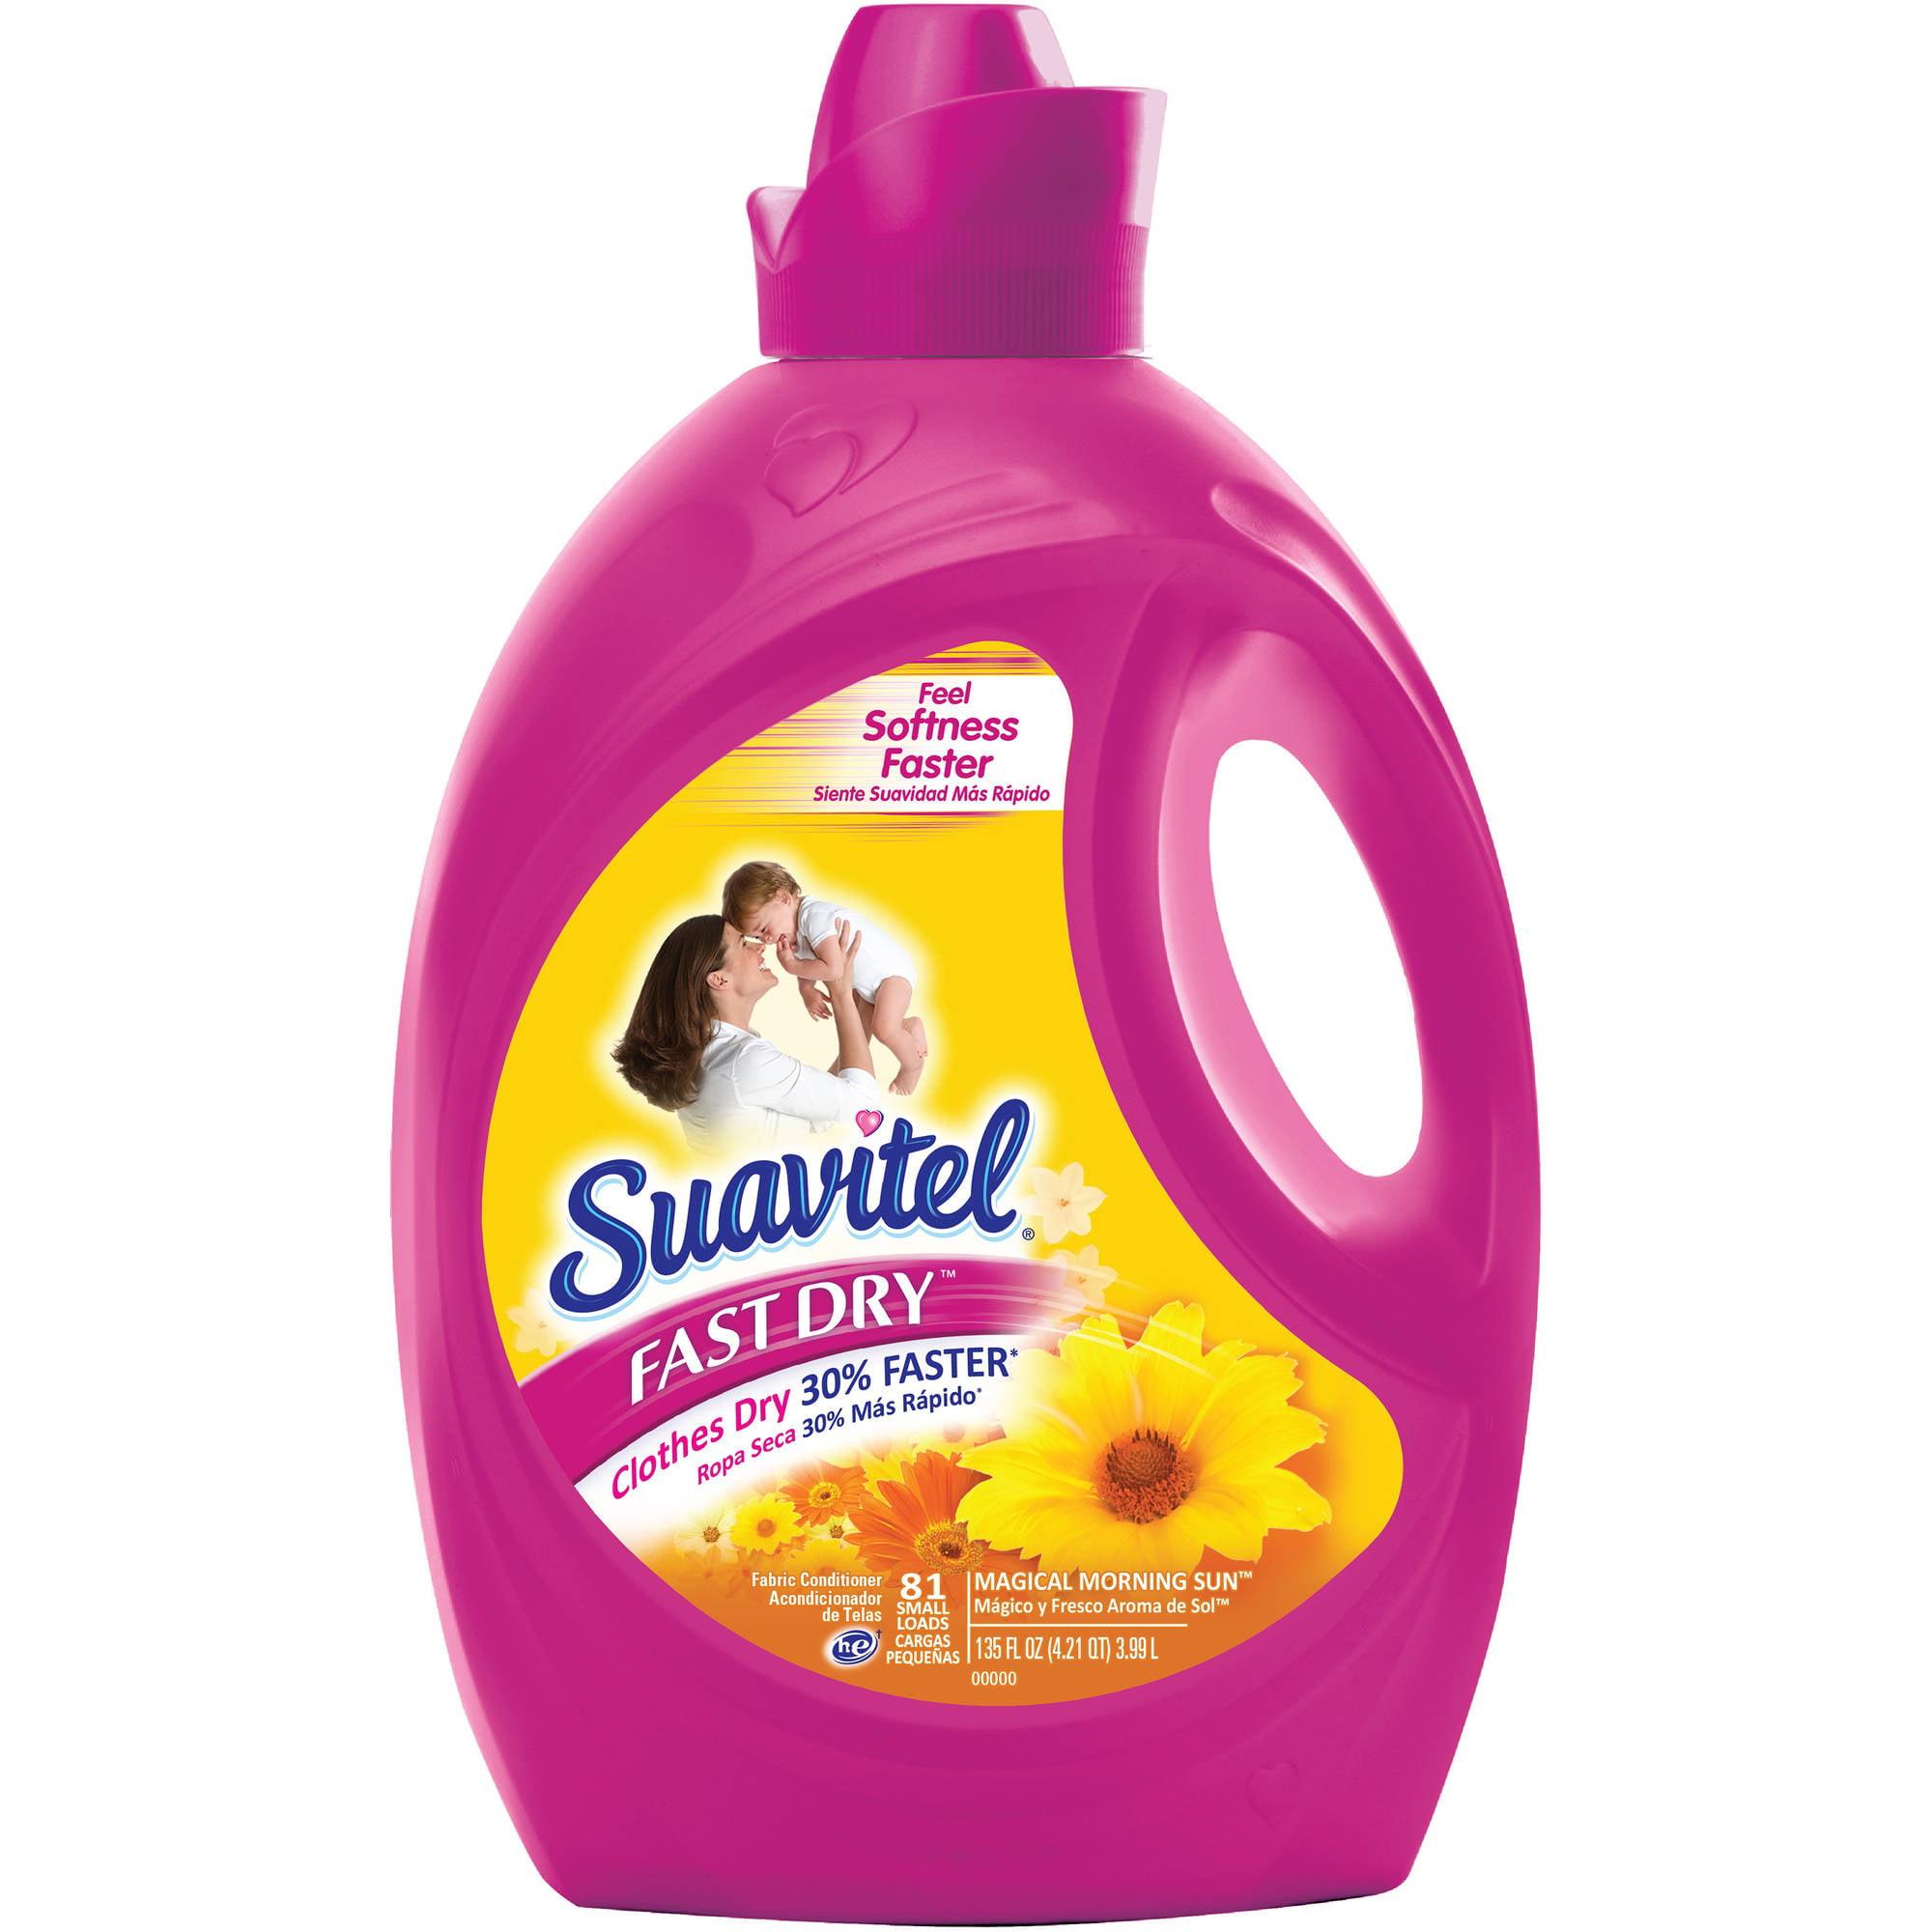 Suavitel Fast Dry Magical Morning Sun Liquid Fabric Conditioner, 135 fl oz